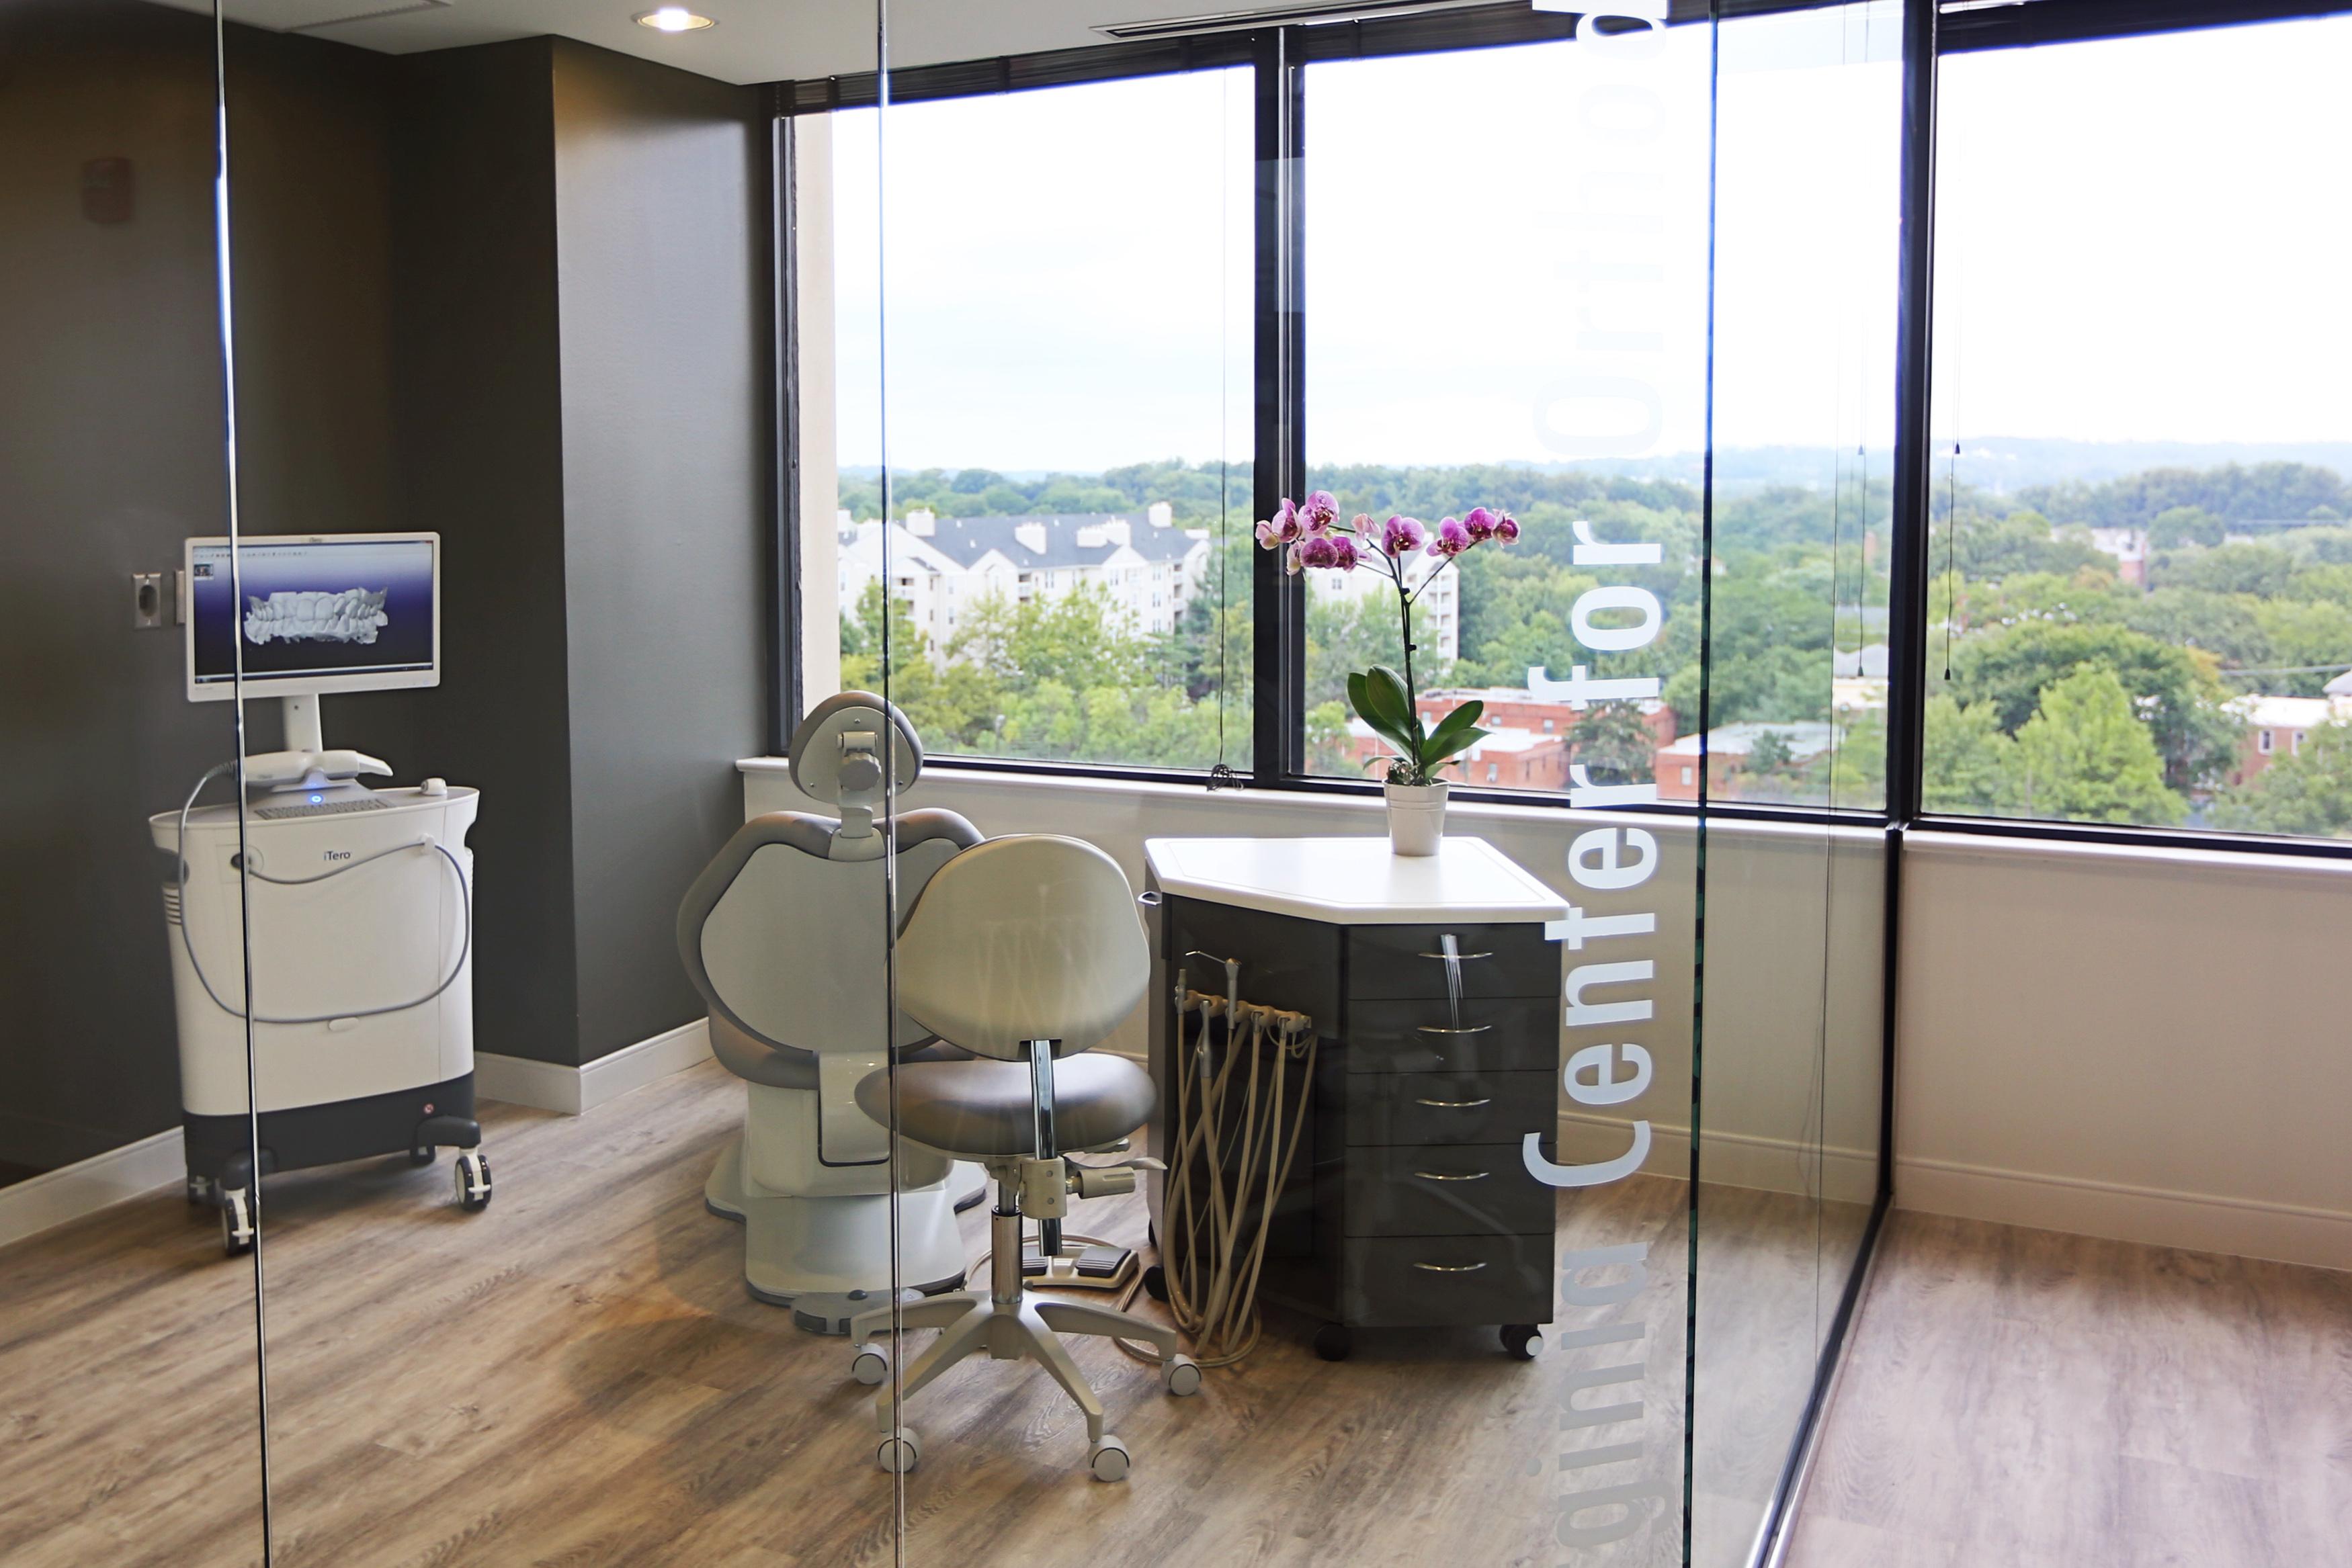 Invisalign Suite at VCO Orthodontics